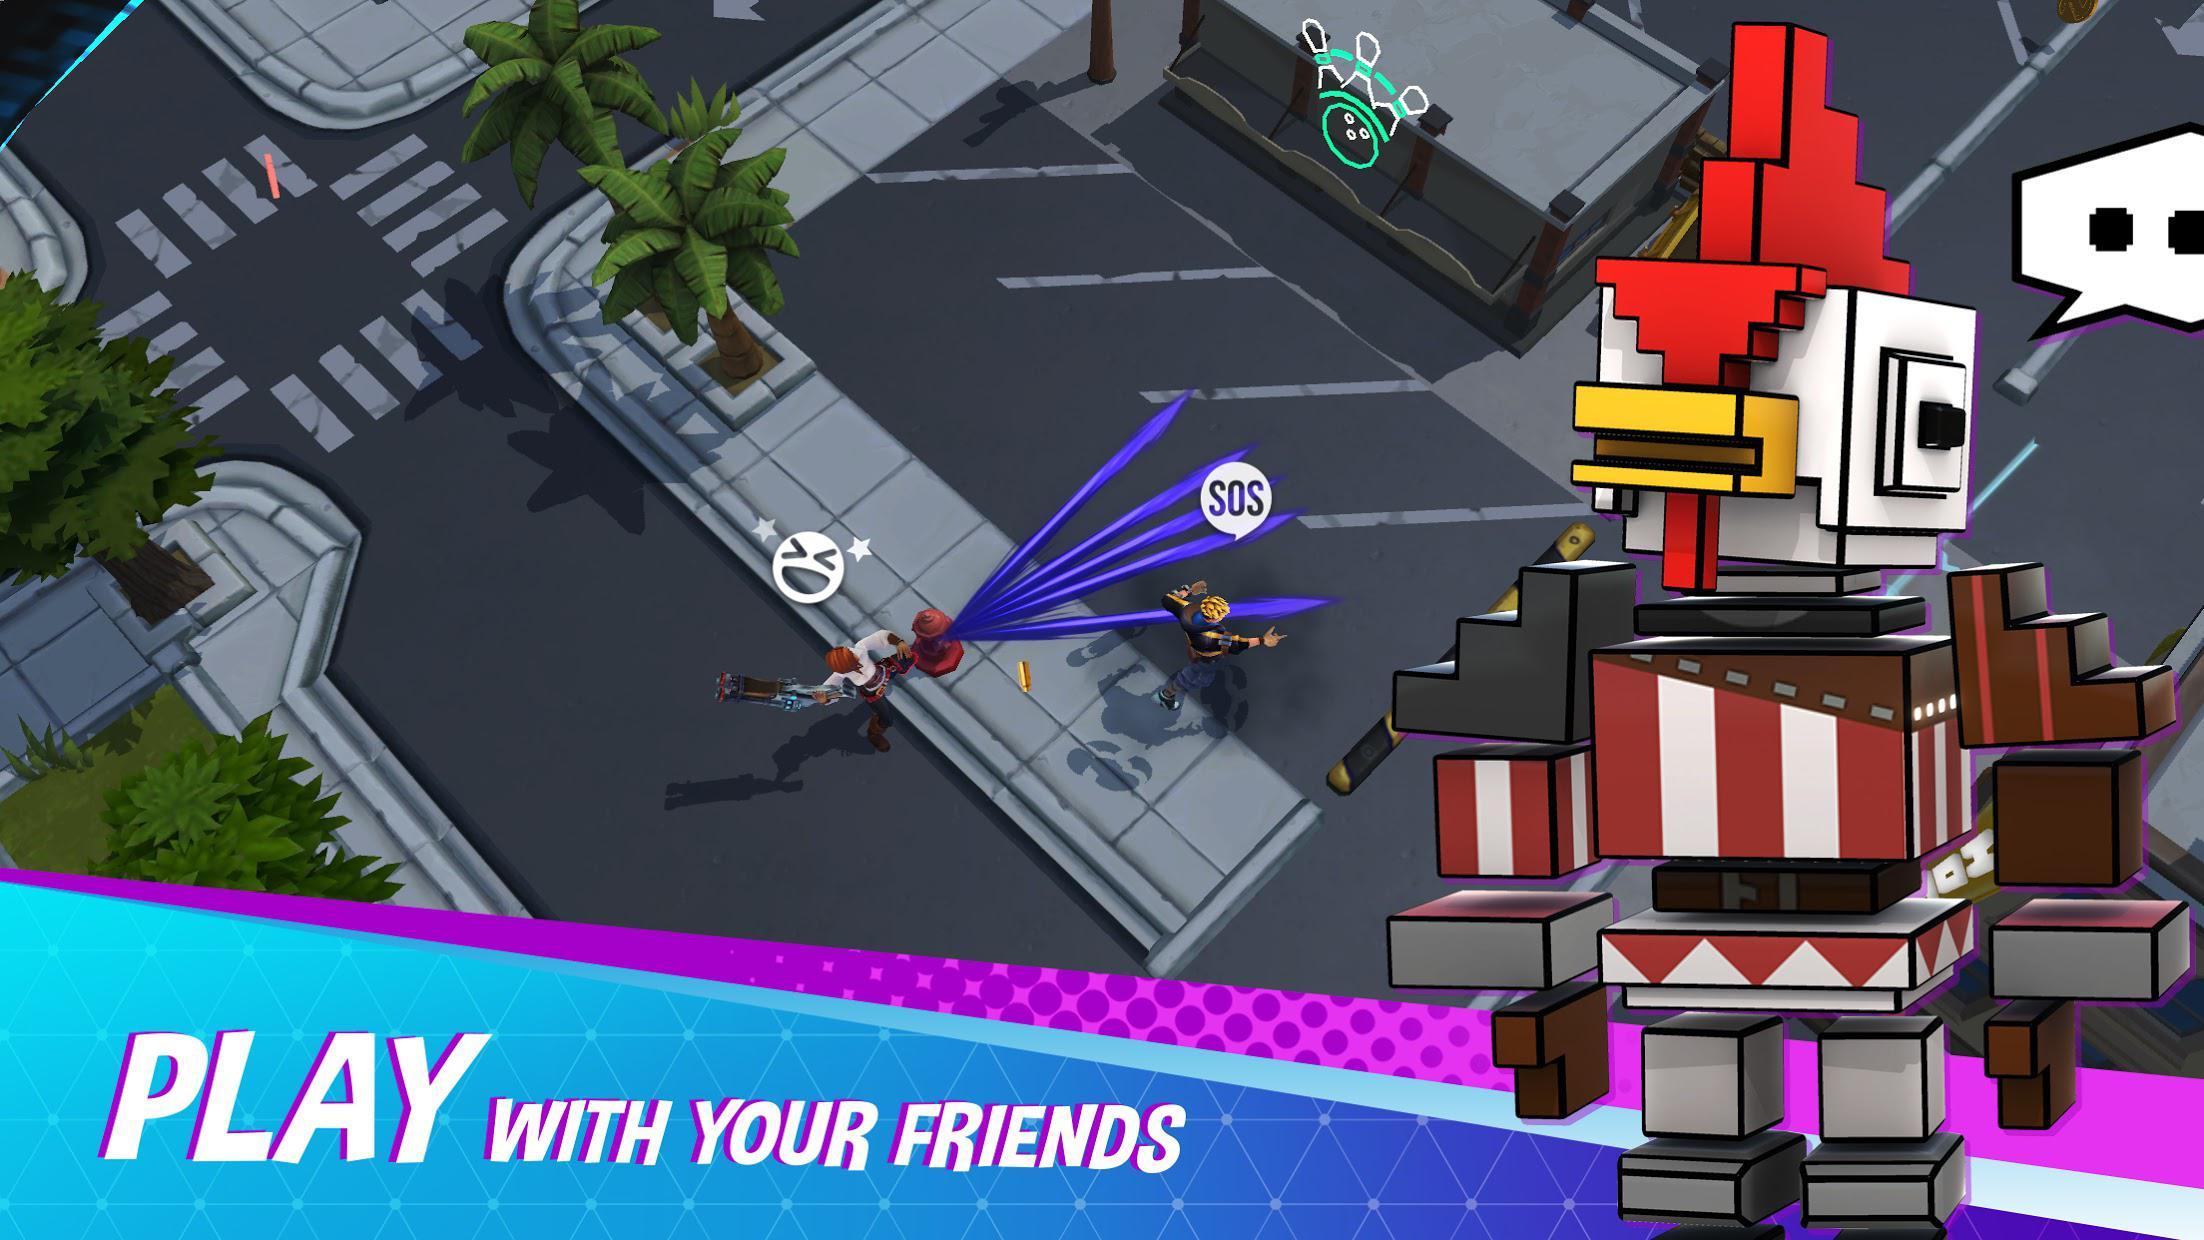 Battlepalooza 游戏截图3